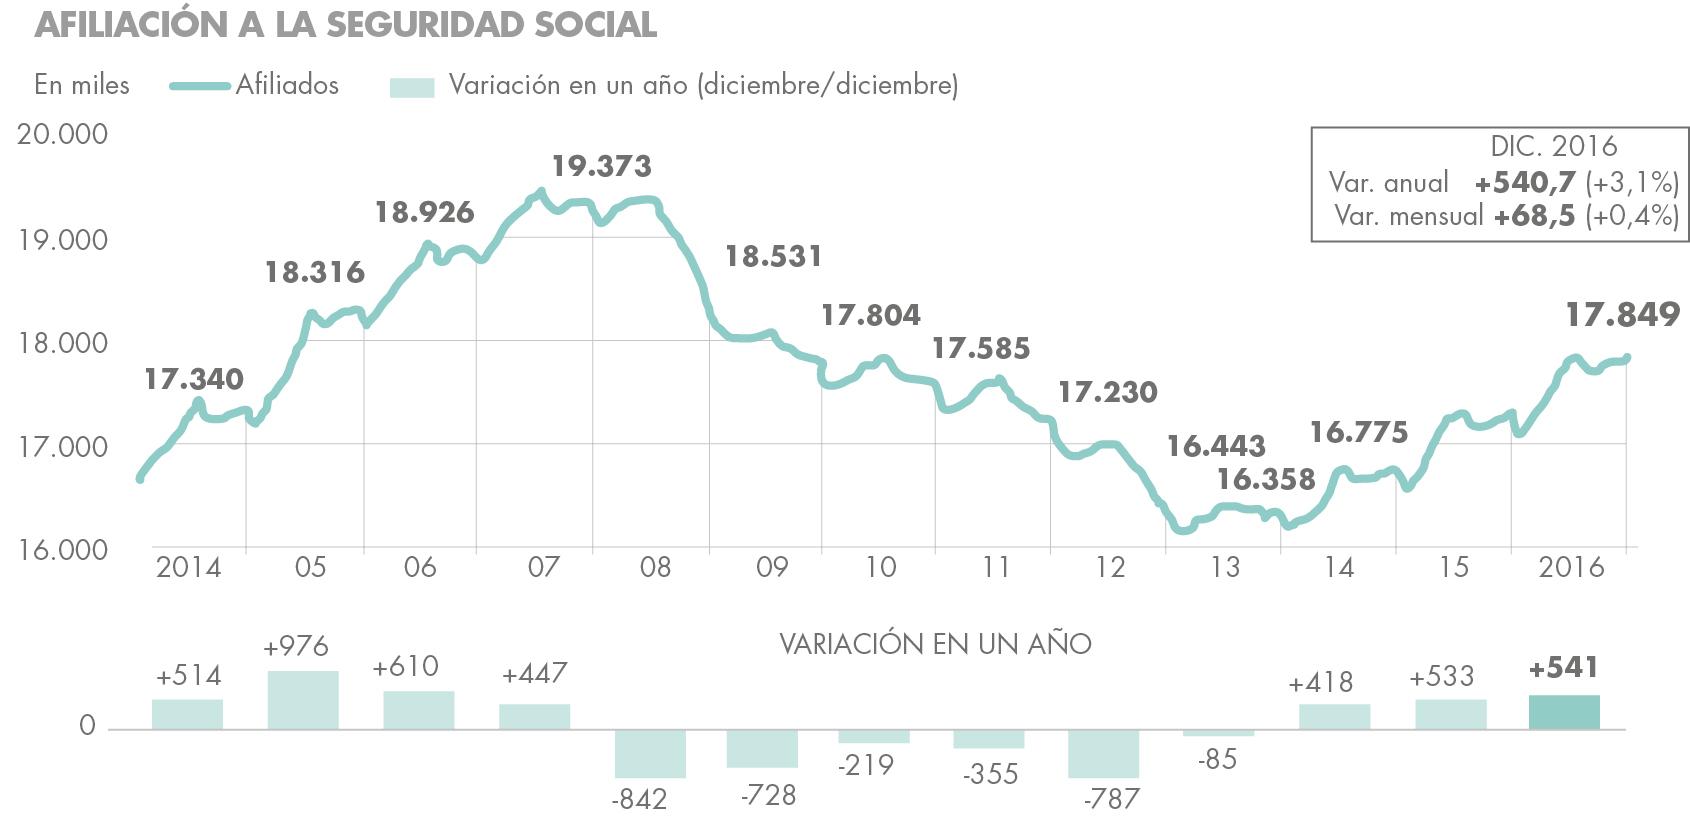 Desempleo en 2016 en España afiliacion seguridad social Housers